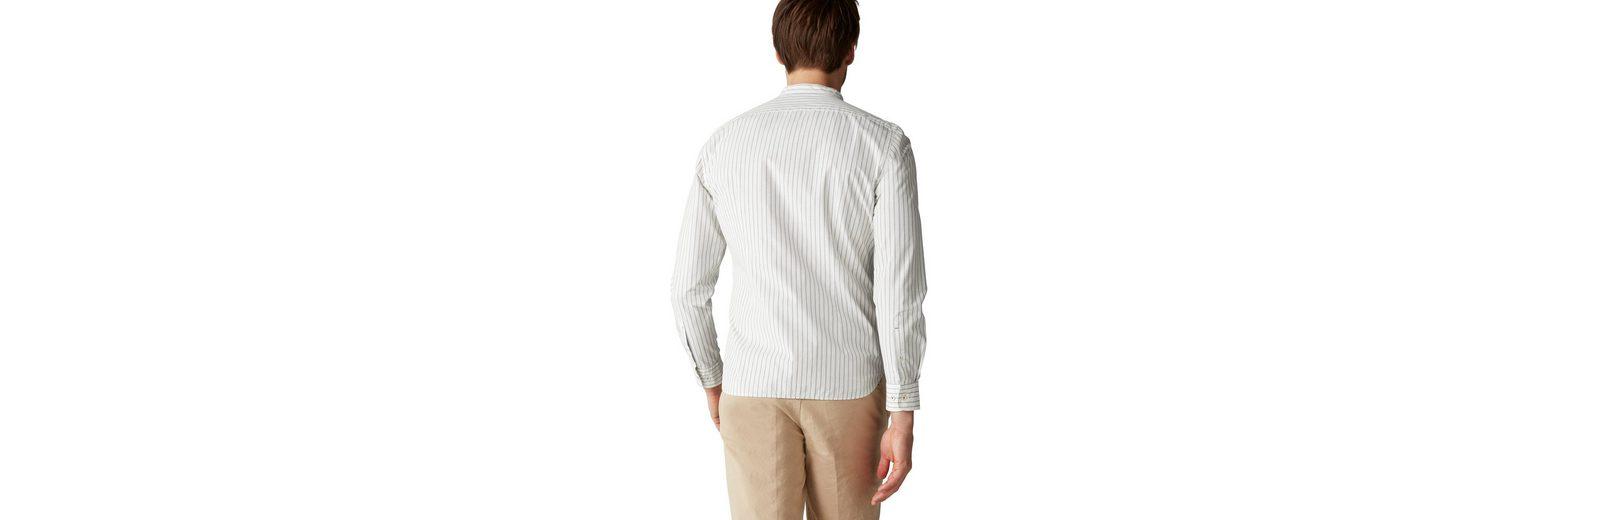 Günstig Kaufen 100% Authentisch Marc O'Polo Langarmhemd Surfen Günstig Online Steckdose Online JXb6Zmu9